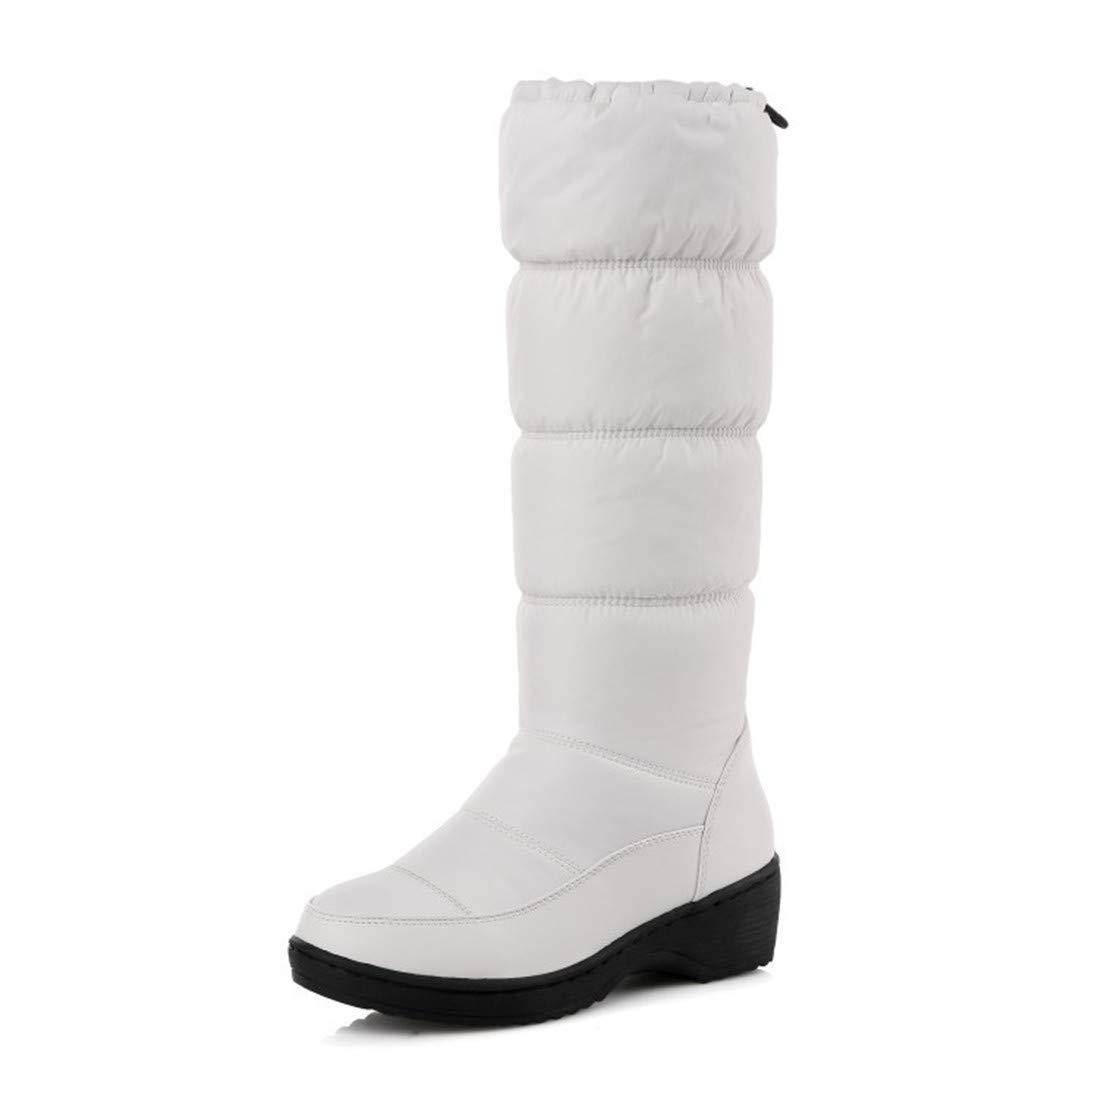 GCH Schneeschuhe Winter Frauen Stiefel halten warm